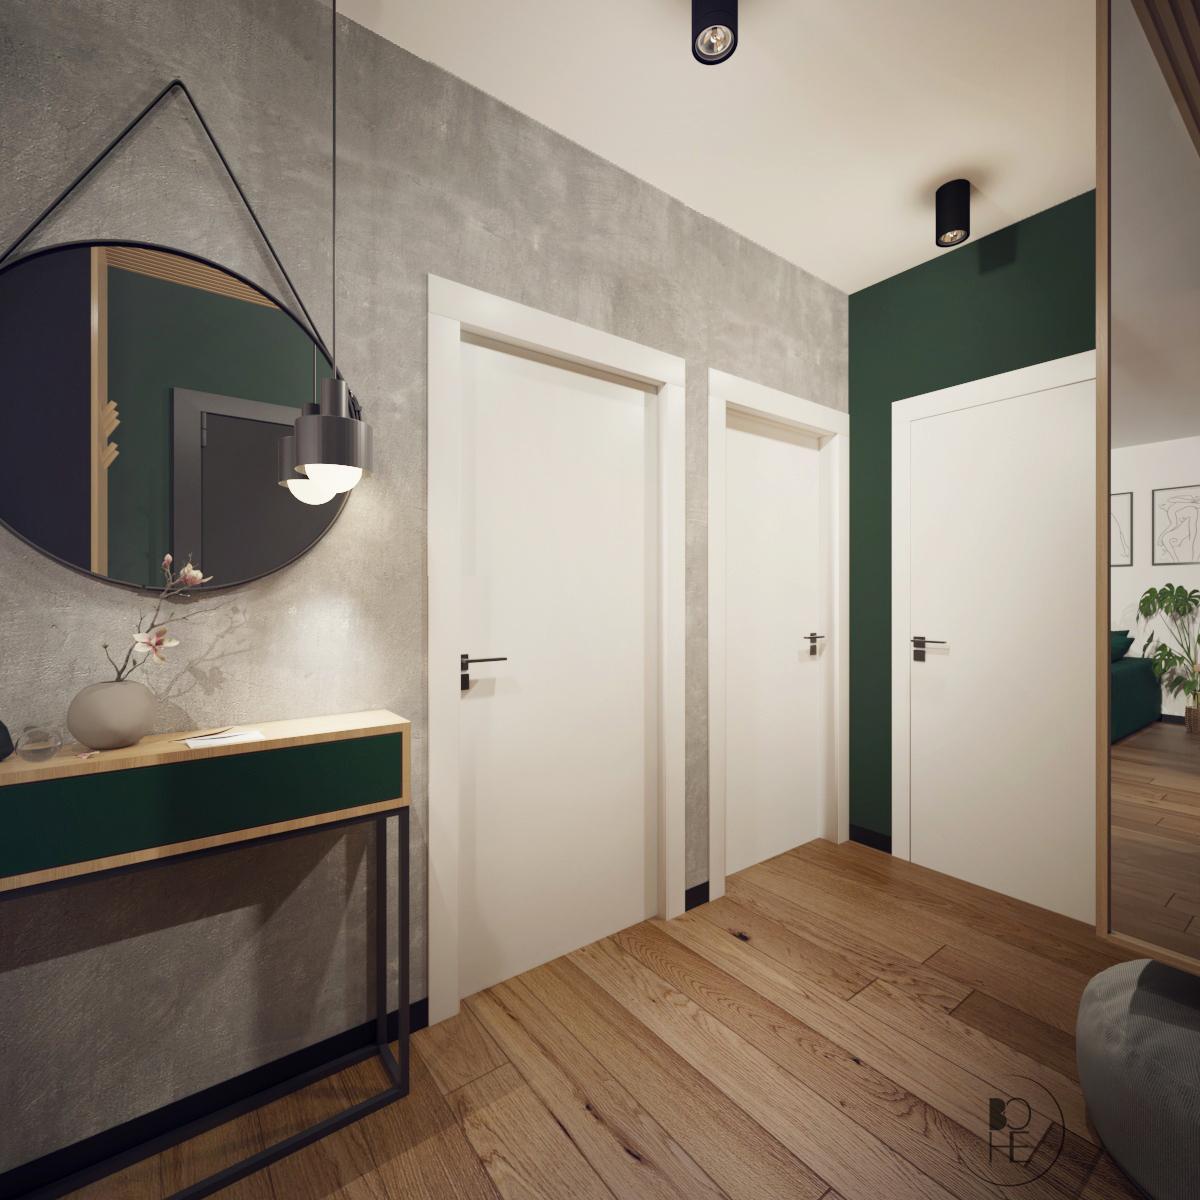 projekty wnętrz Łódź aranżacja korytarza w zielono szarych barwach z okrągłym lustrem